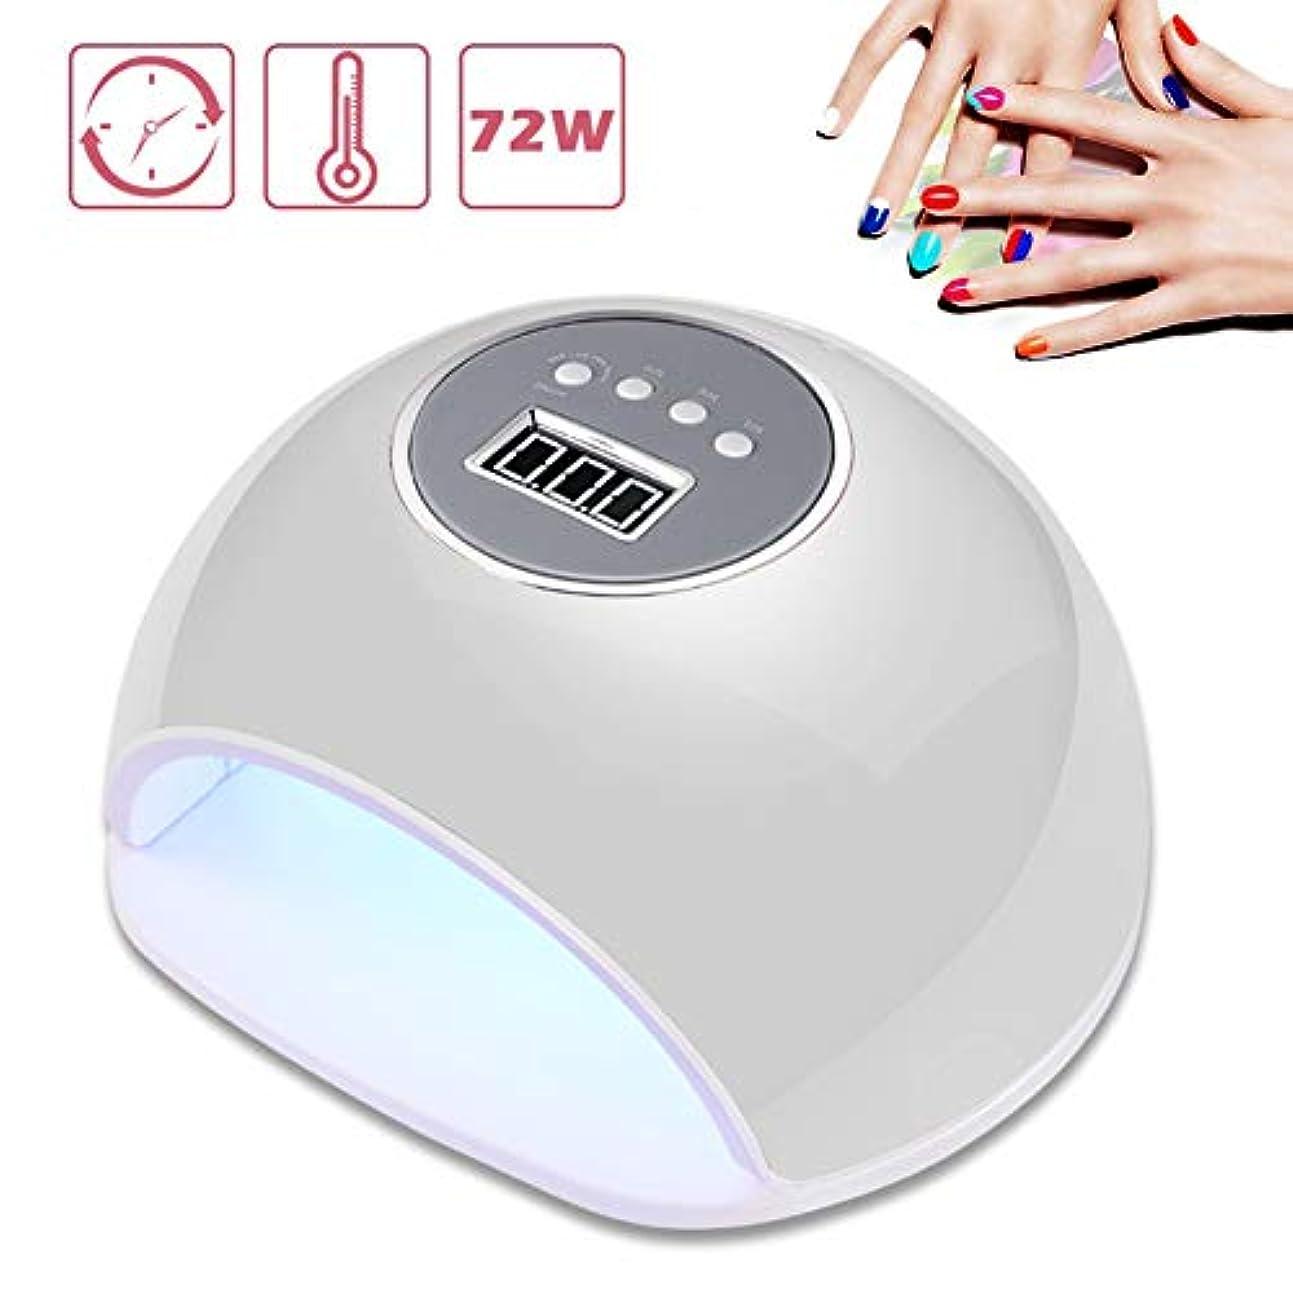 化合物み上下するネイルジェル用LED UVランプ、ジェルポリッシュ用72ワット高速ネイルドライヤー、4タイマー設定、スマート自動検知、LEDデジタルディスプレイ、爪と爪用のネイルアートツール,白